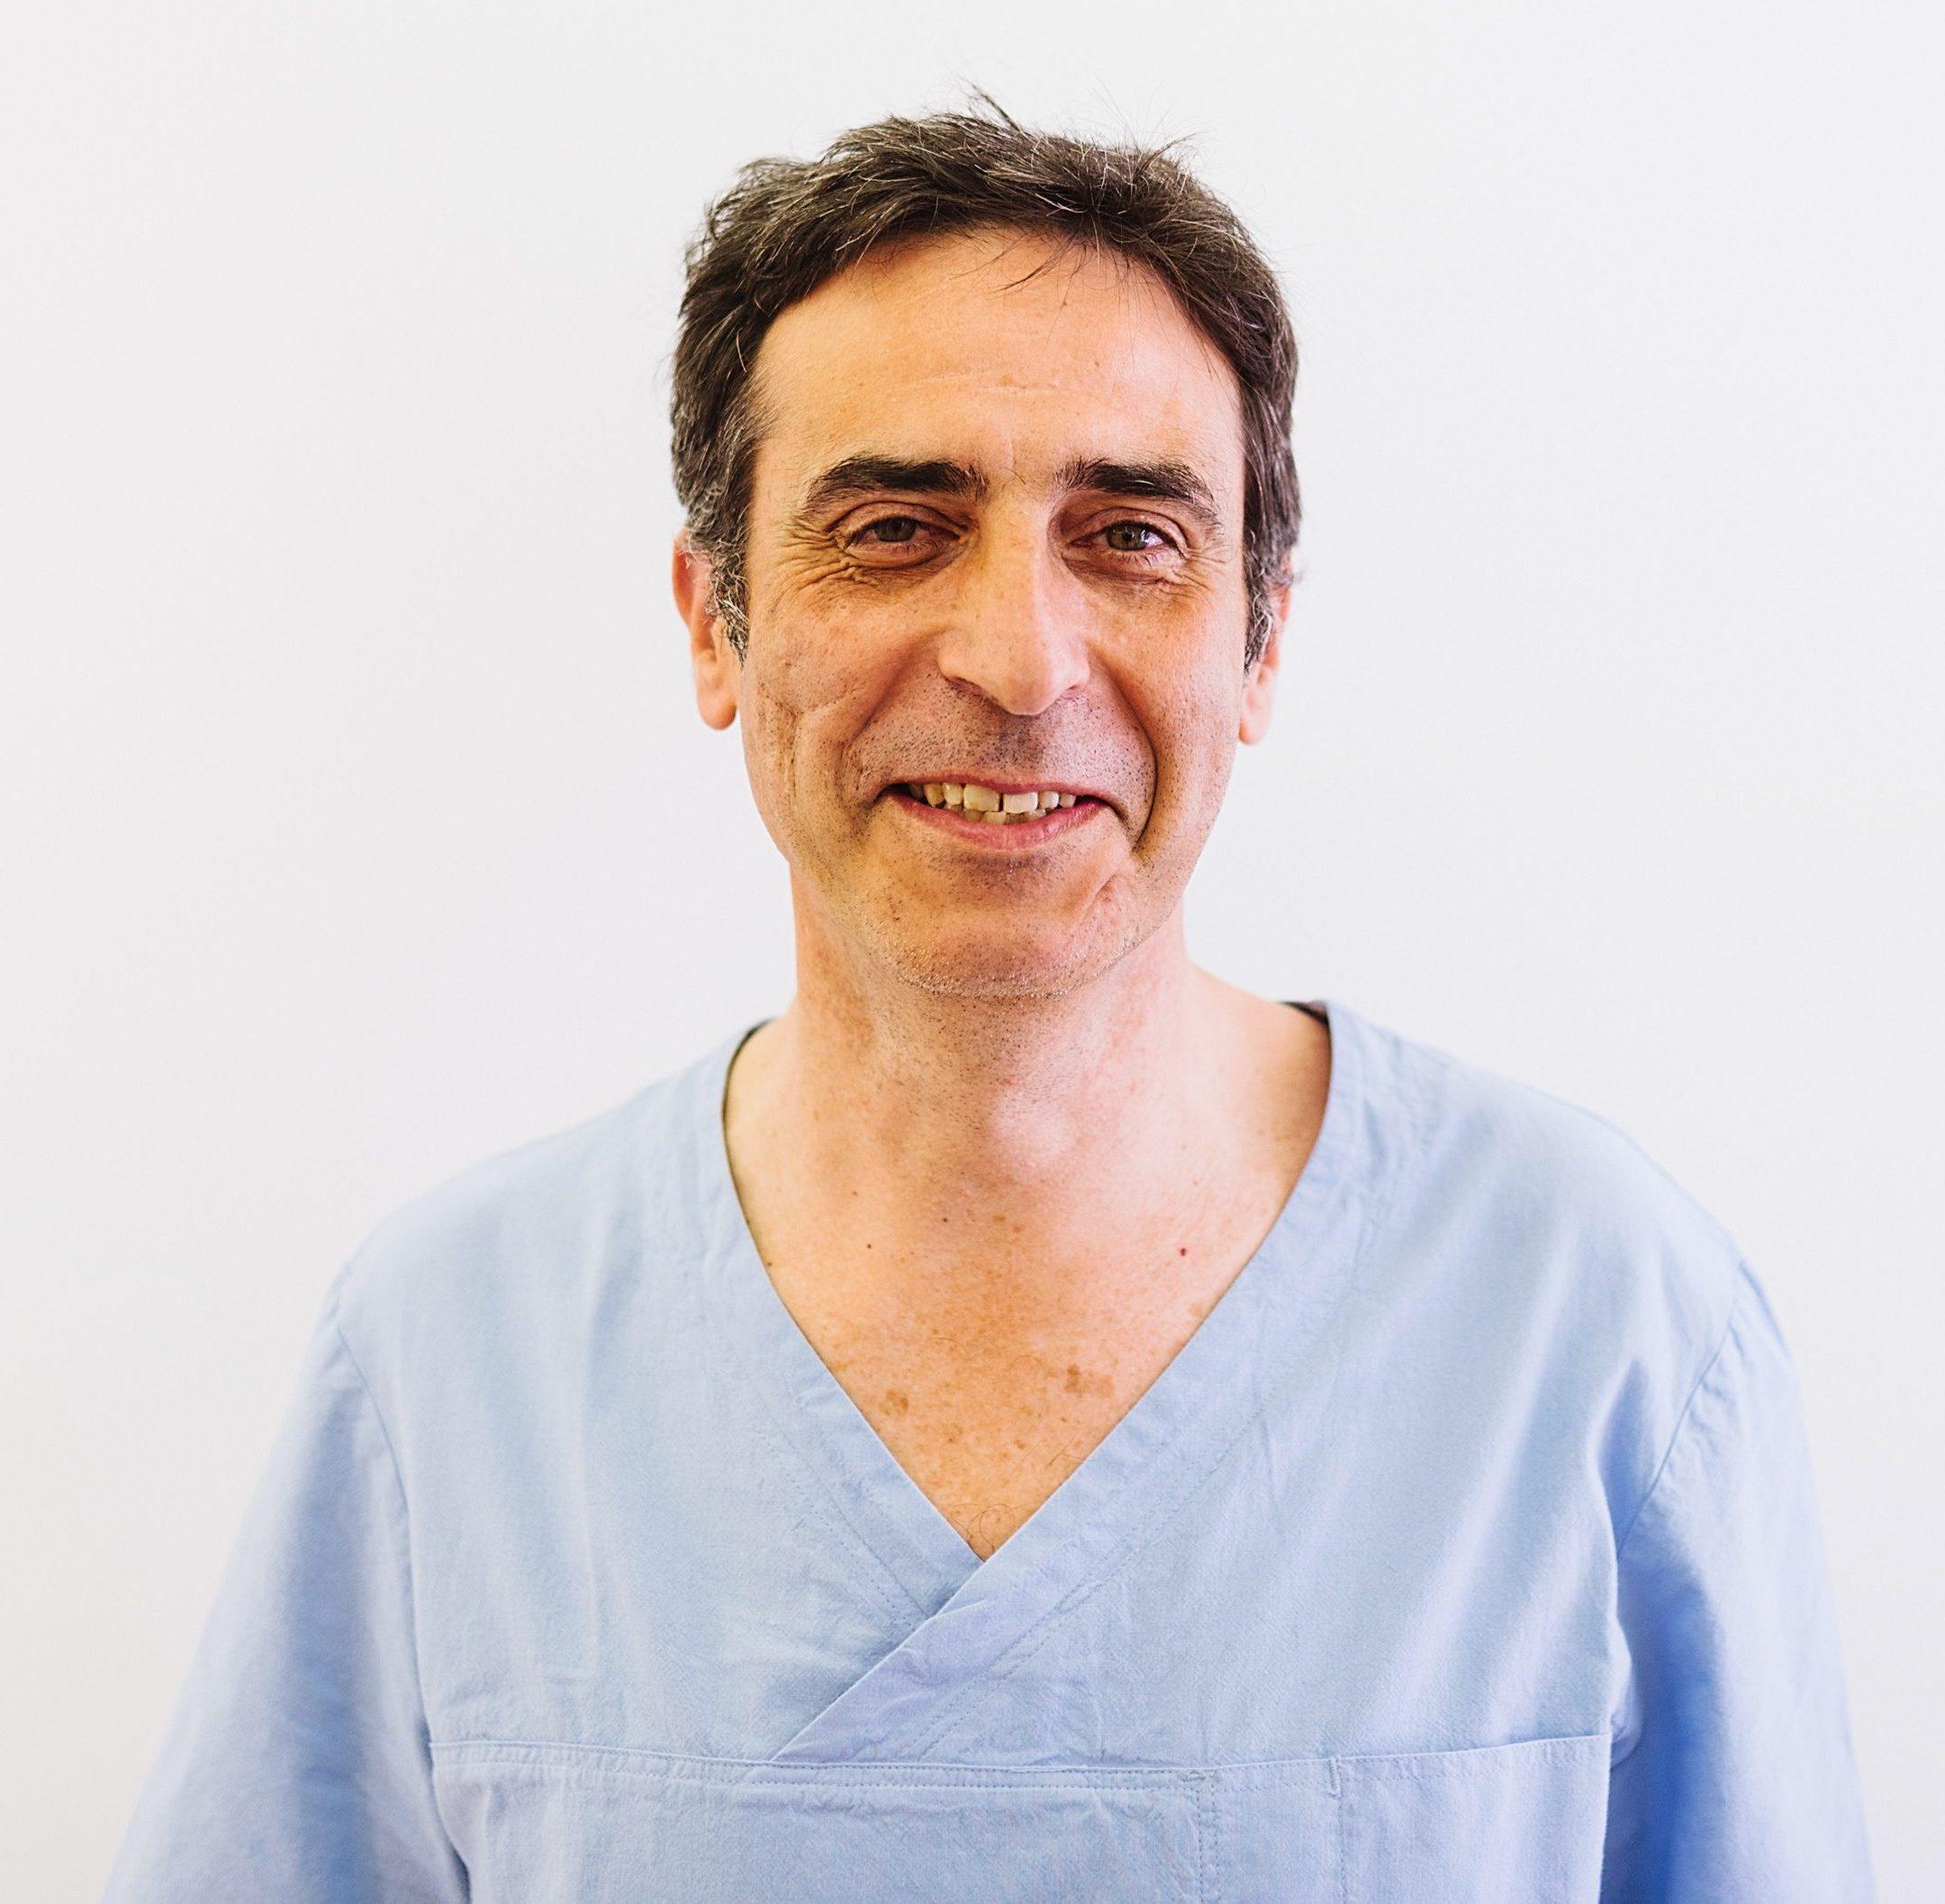 Dr. Eduardo Cabero